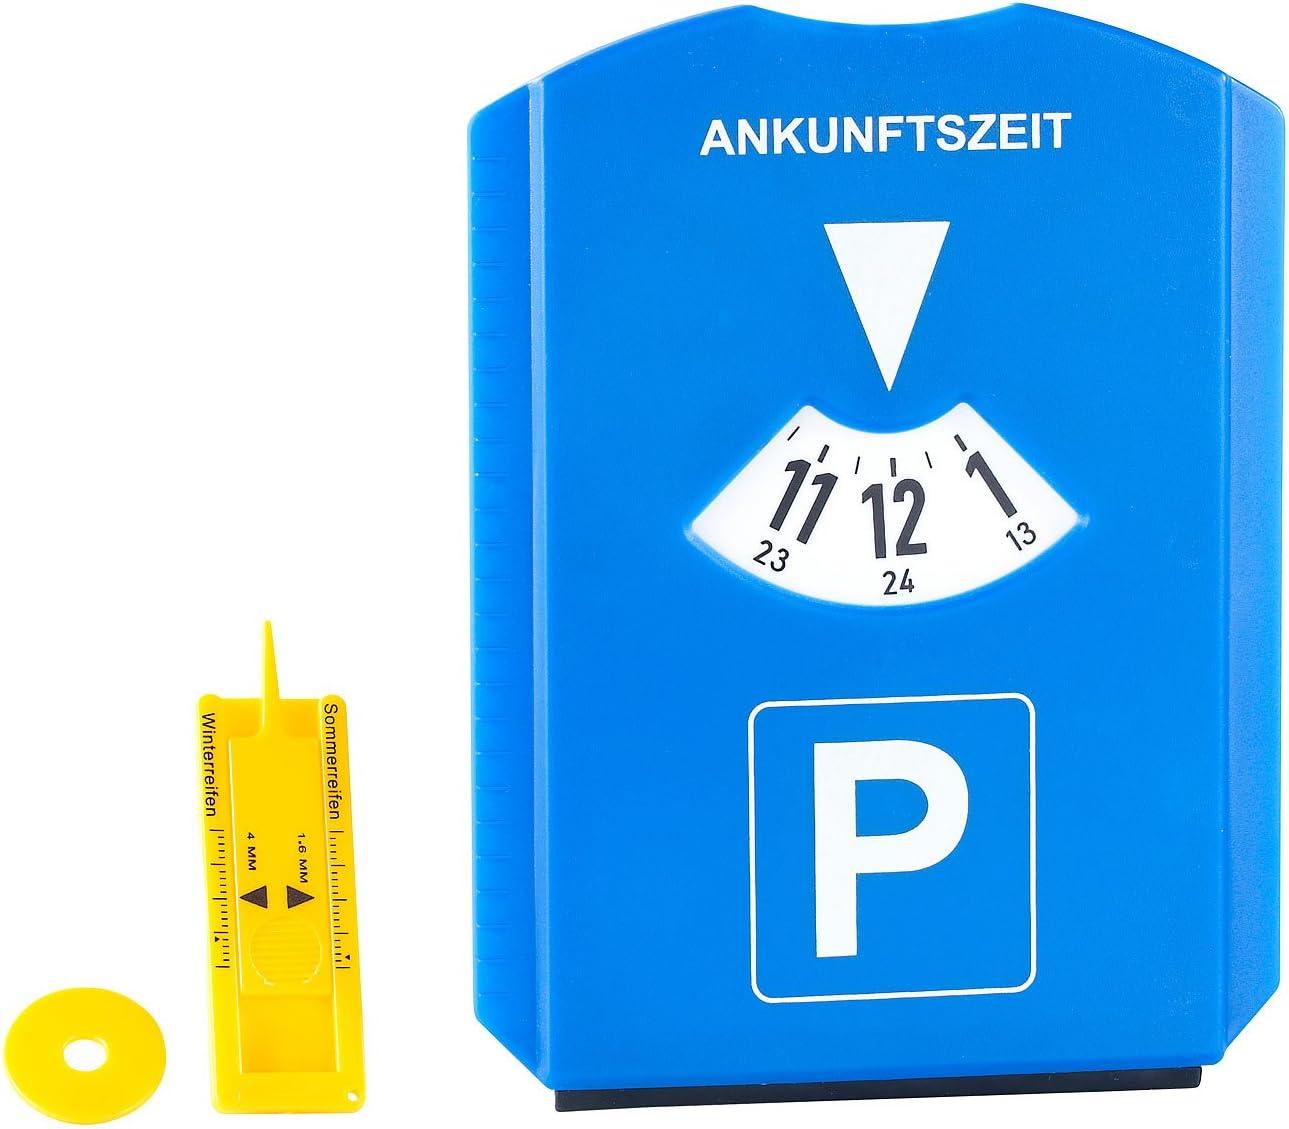 Parkscheibe mit Einkaufschip PEARL Profiltiefenmesser 2er-Set Parkscheibe mit Eiskratzer Einkaufs-Chip und Profilmesser